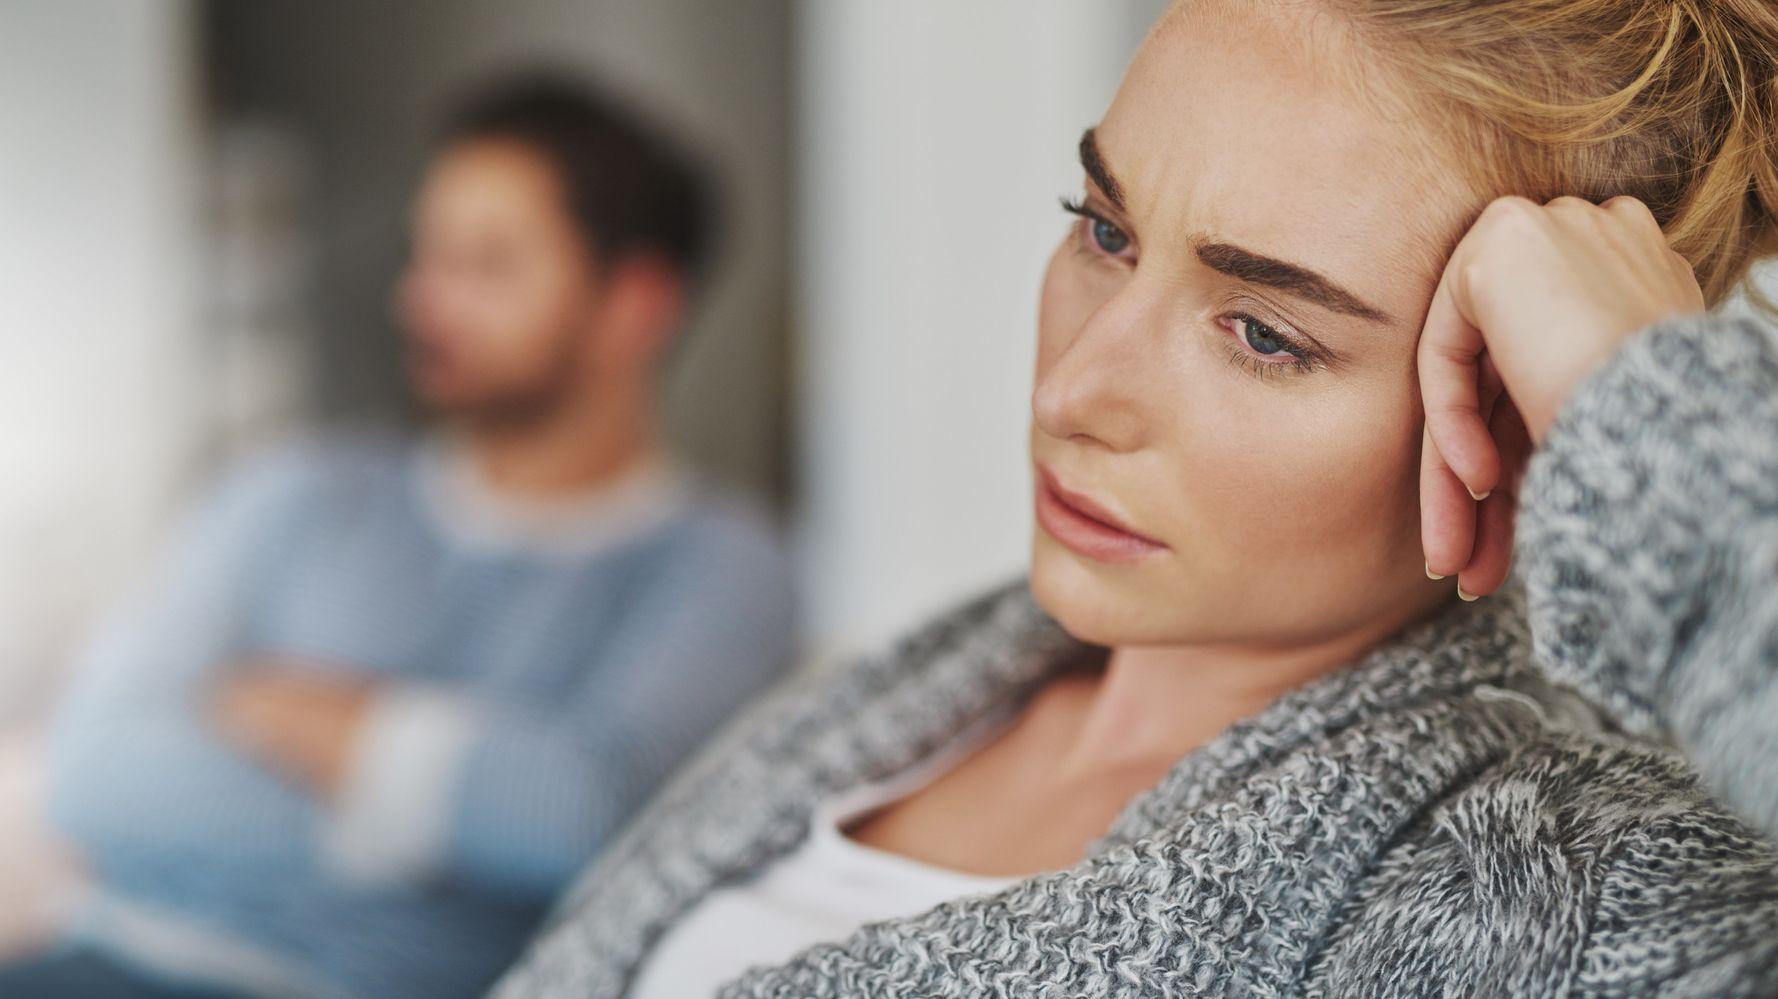 كيف اقنع زوجي العنيد بما اريد